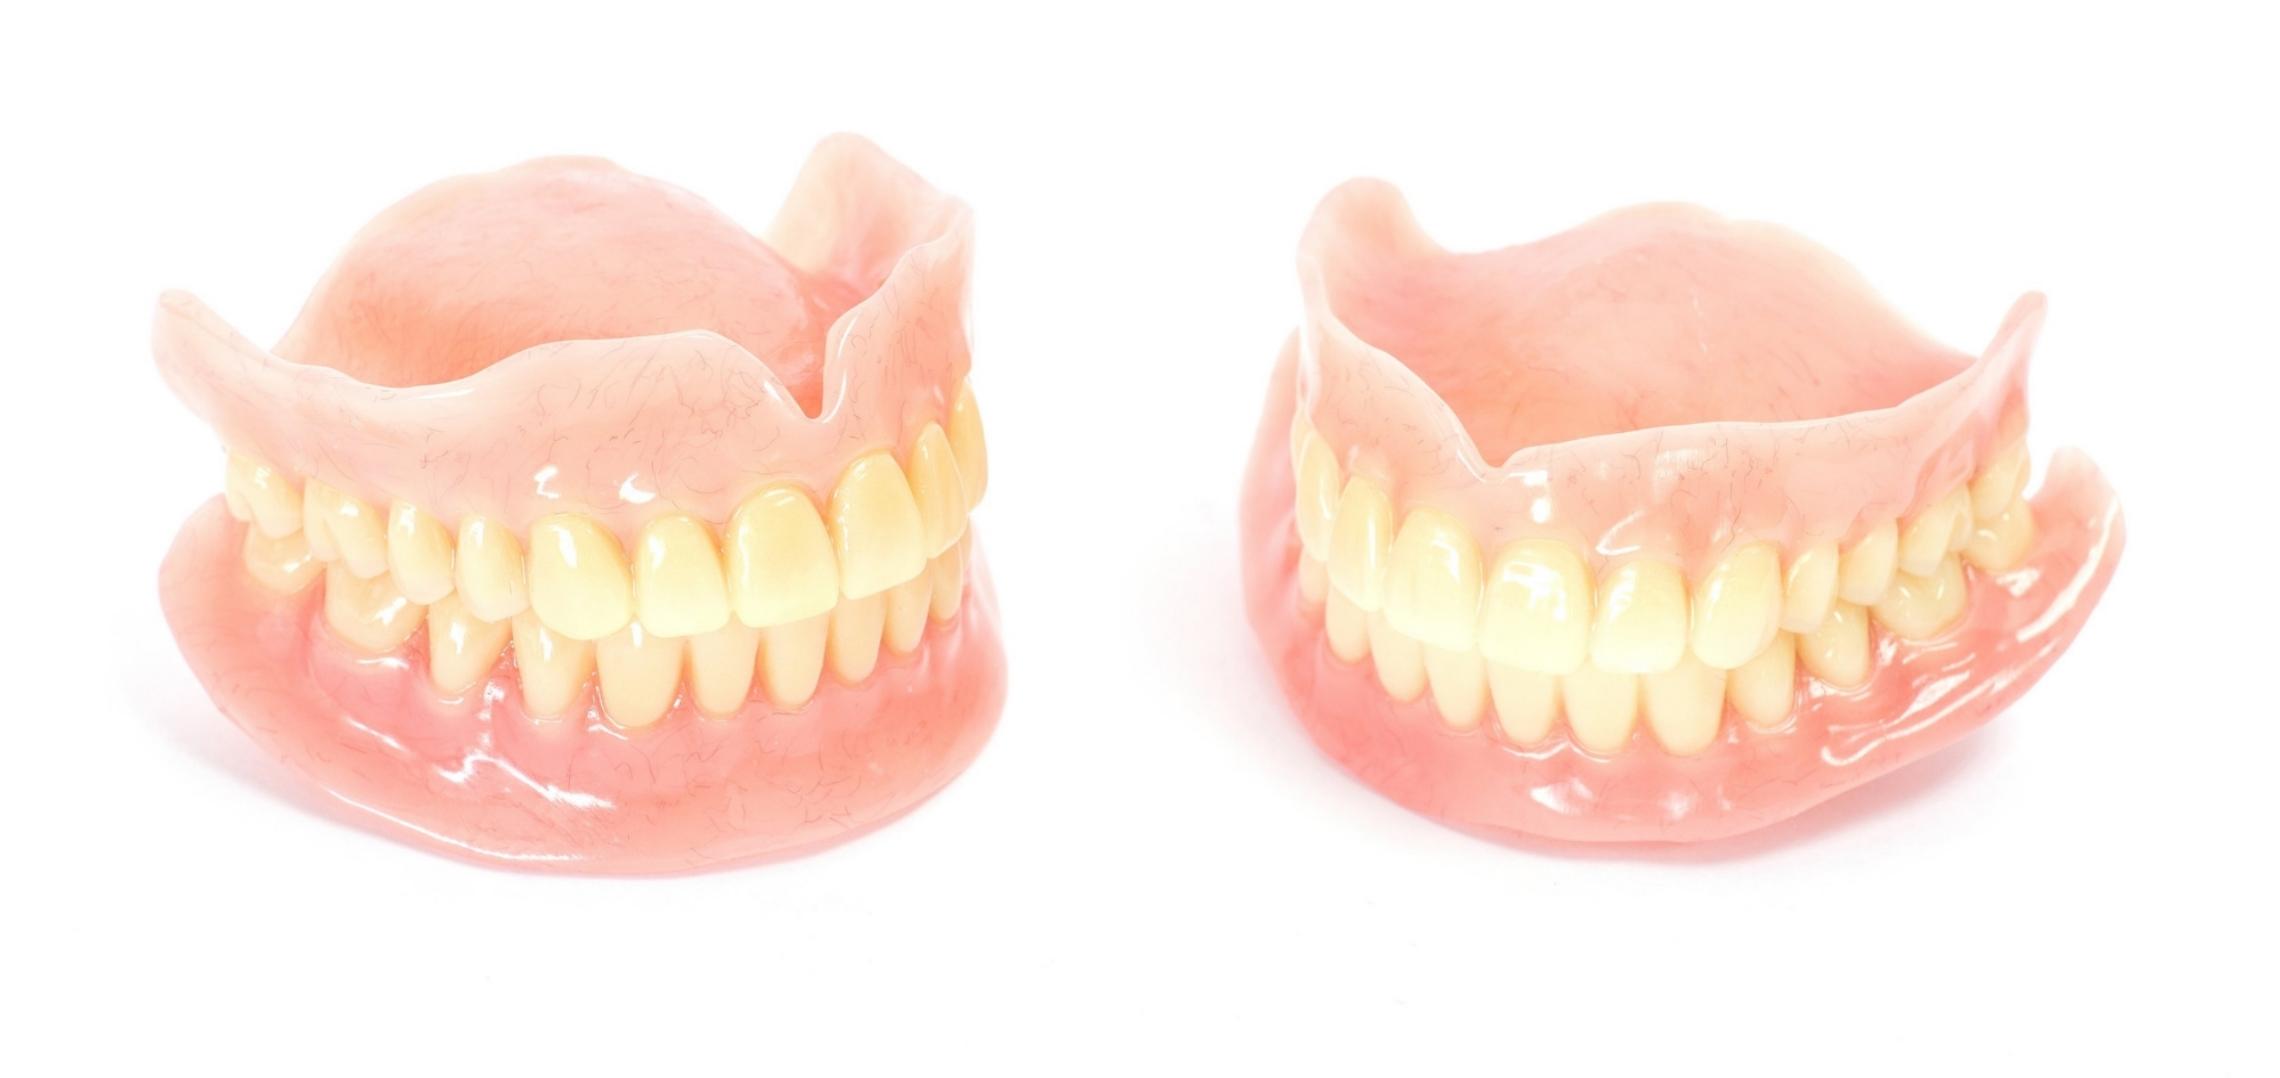 Denture duplicating